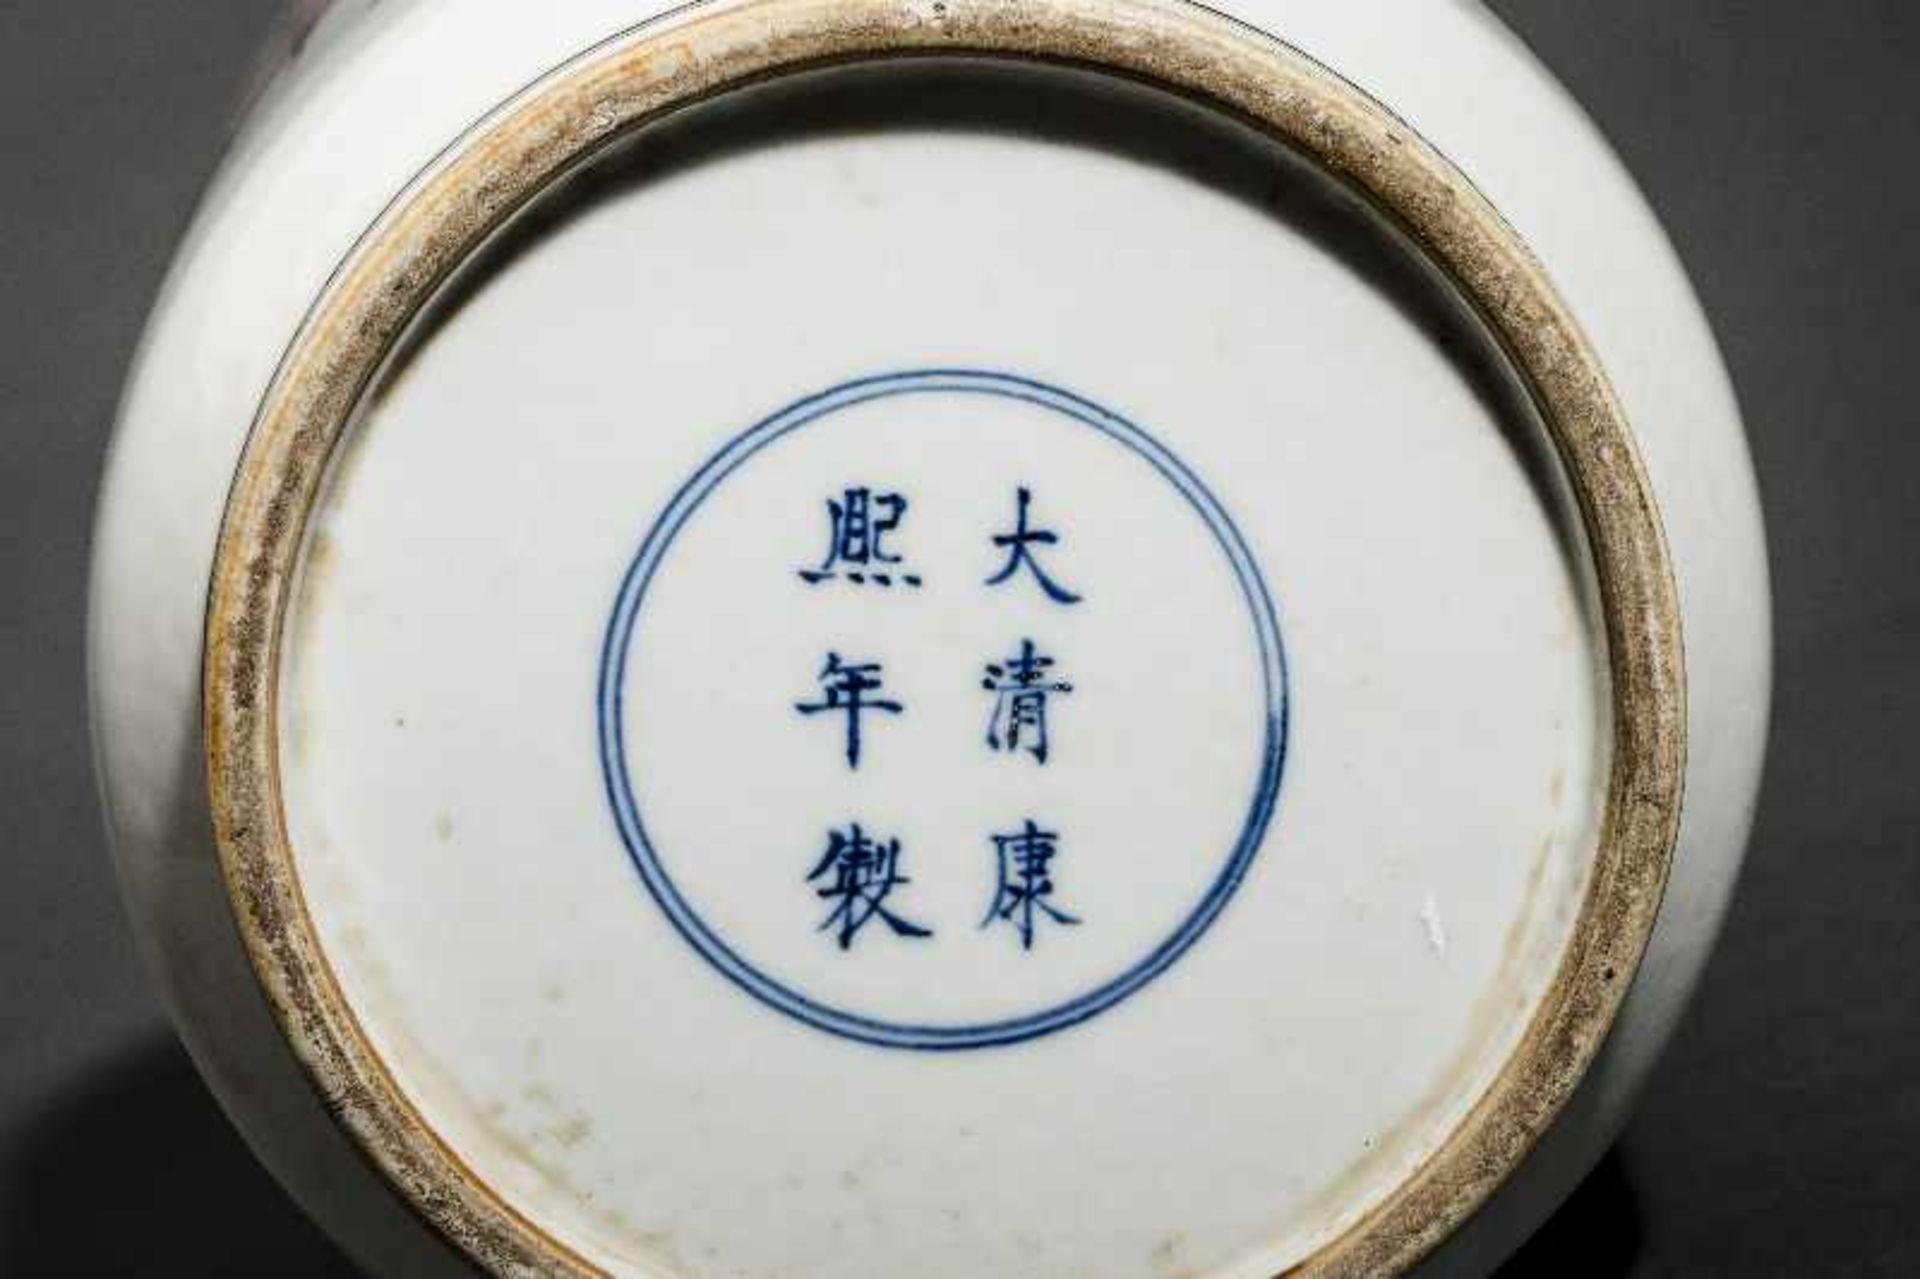 VASE MIT WEISEN UND WÜRDENTRÄGERN Porzellan mit farbiger Emailmalerei. China, Hohe zylindrische - Image 5 of 5